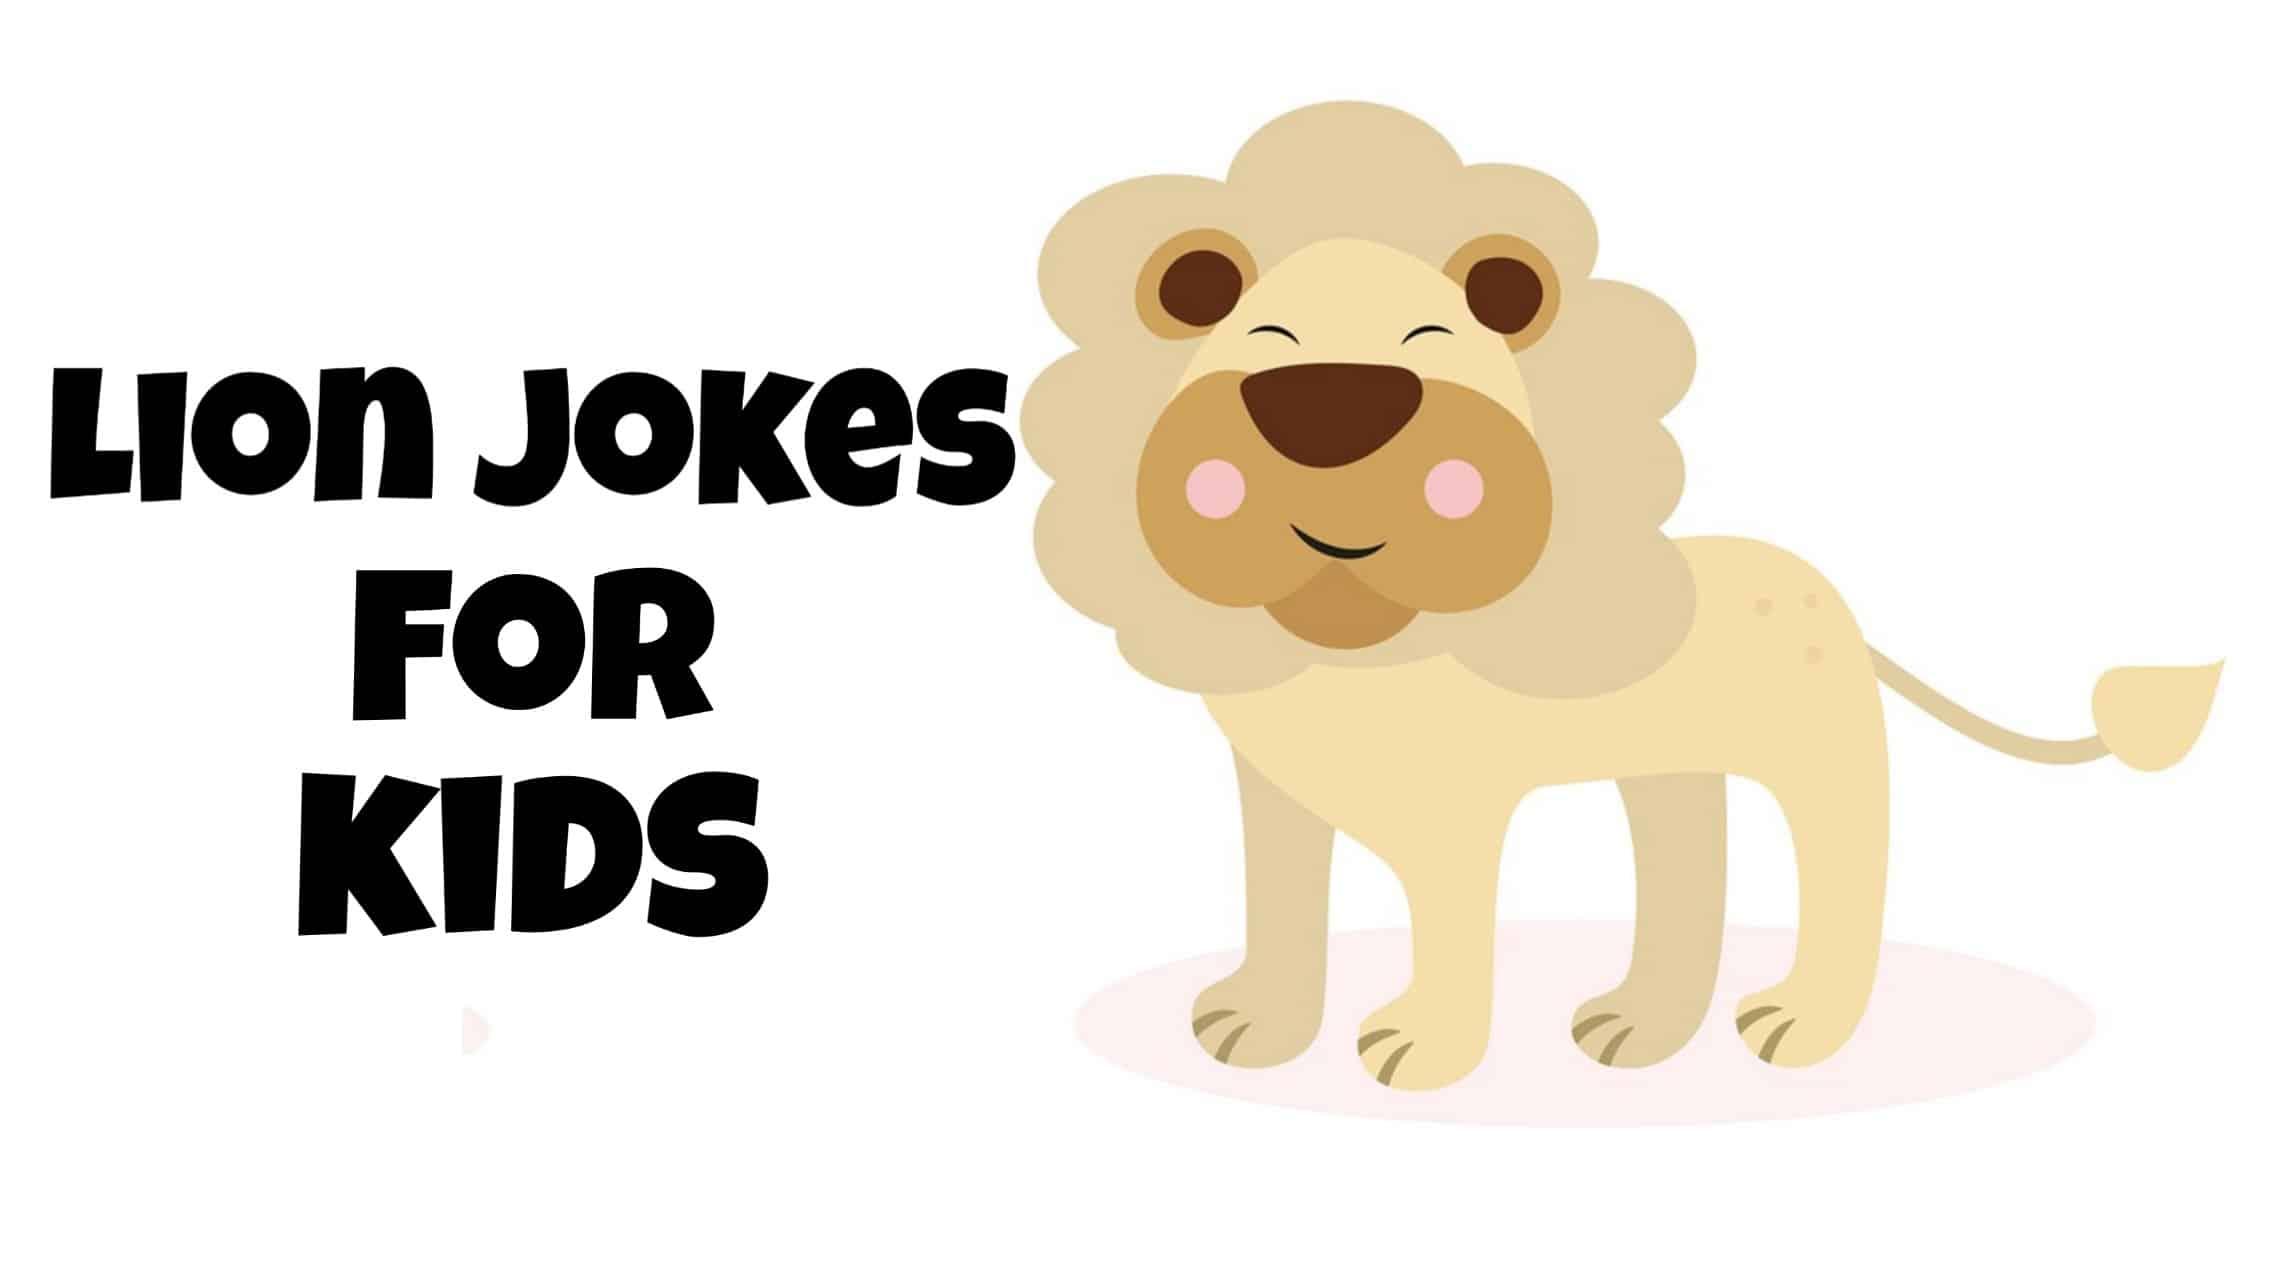 lion jokes for kids